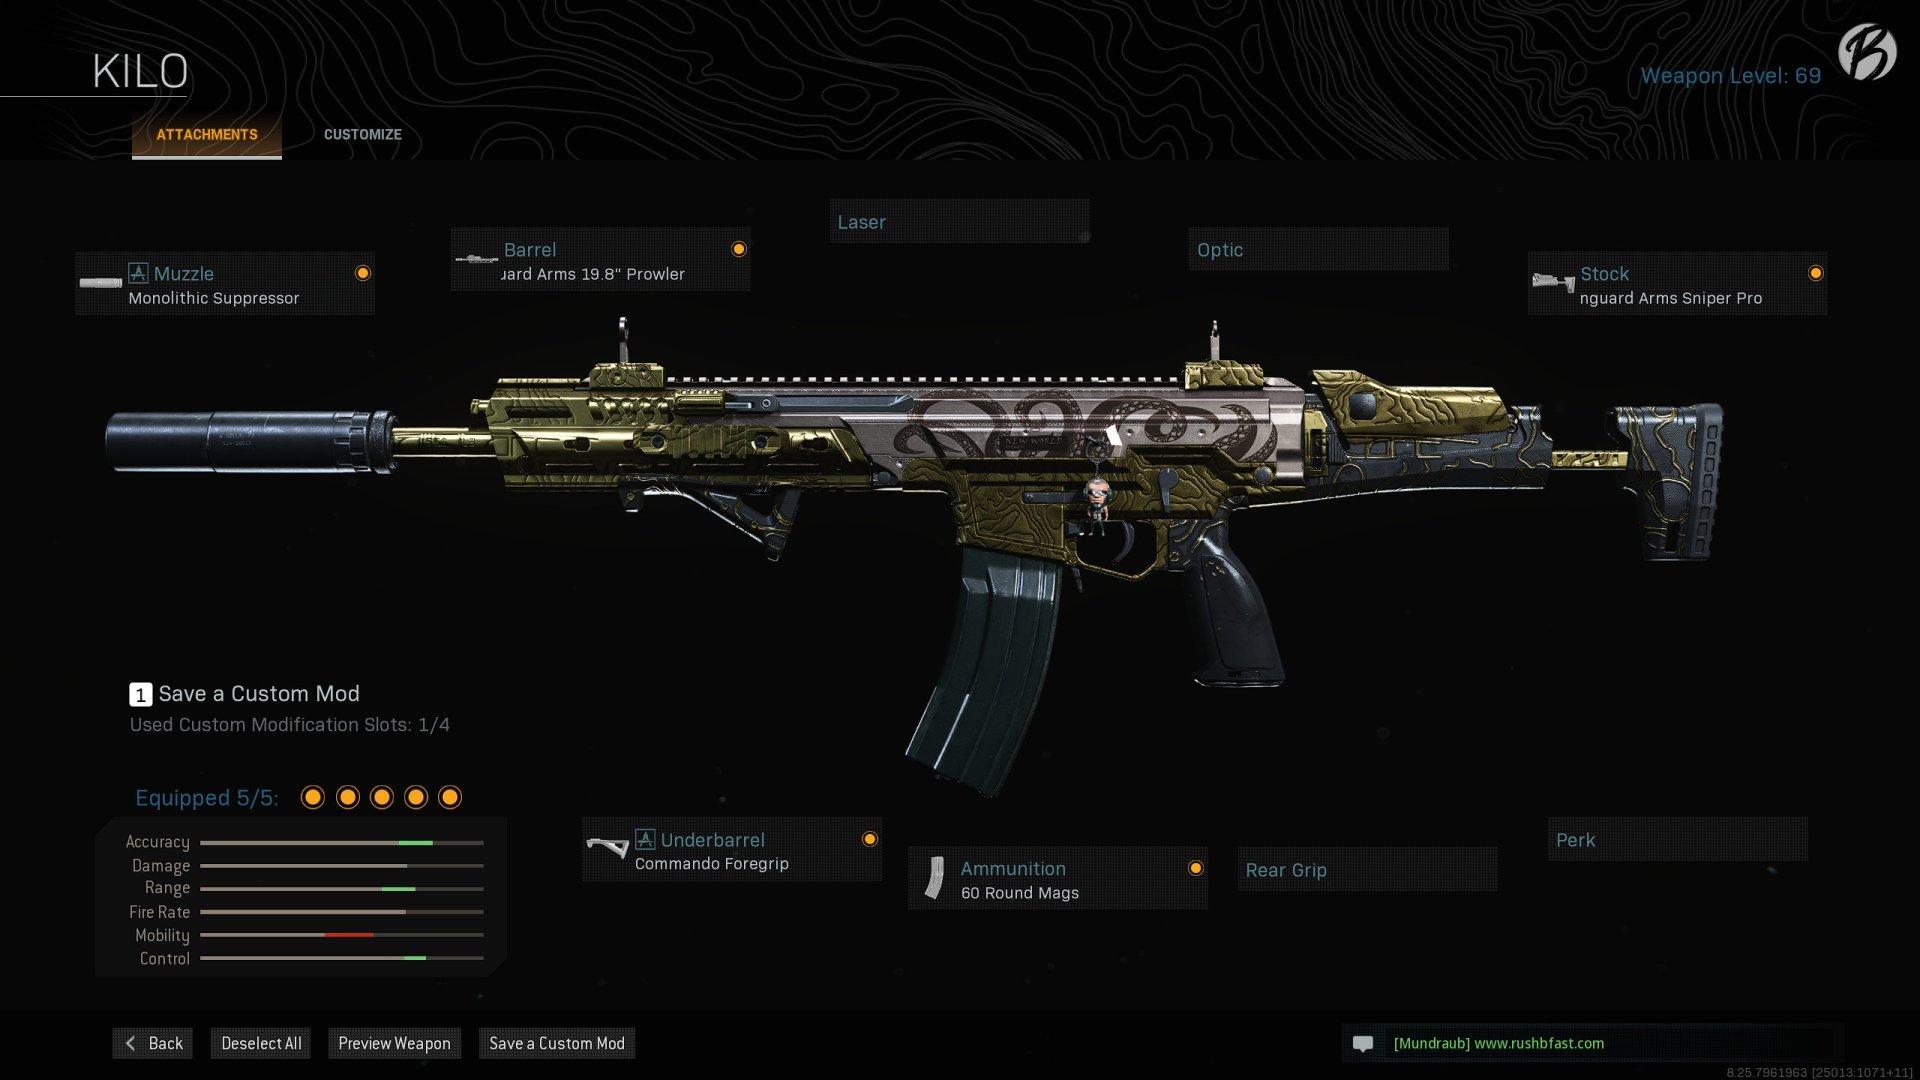 """Kilo 141: Monolithic Suppressor, Singuard Arms 19.8"""" Prowler, Singuard Arms Sniper Pro, Commando Foregrip, 60 Round Mags"""